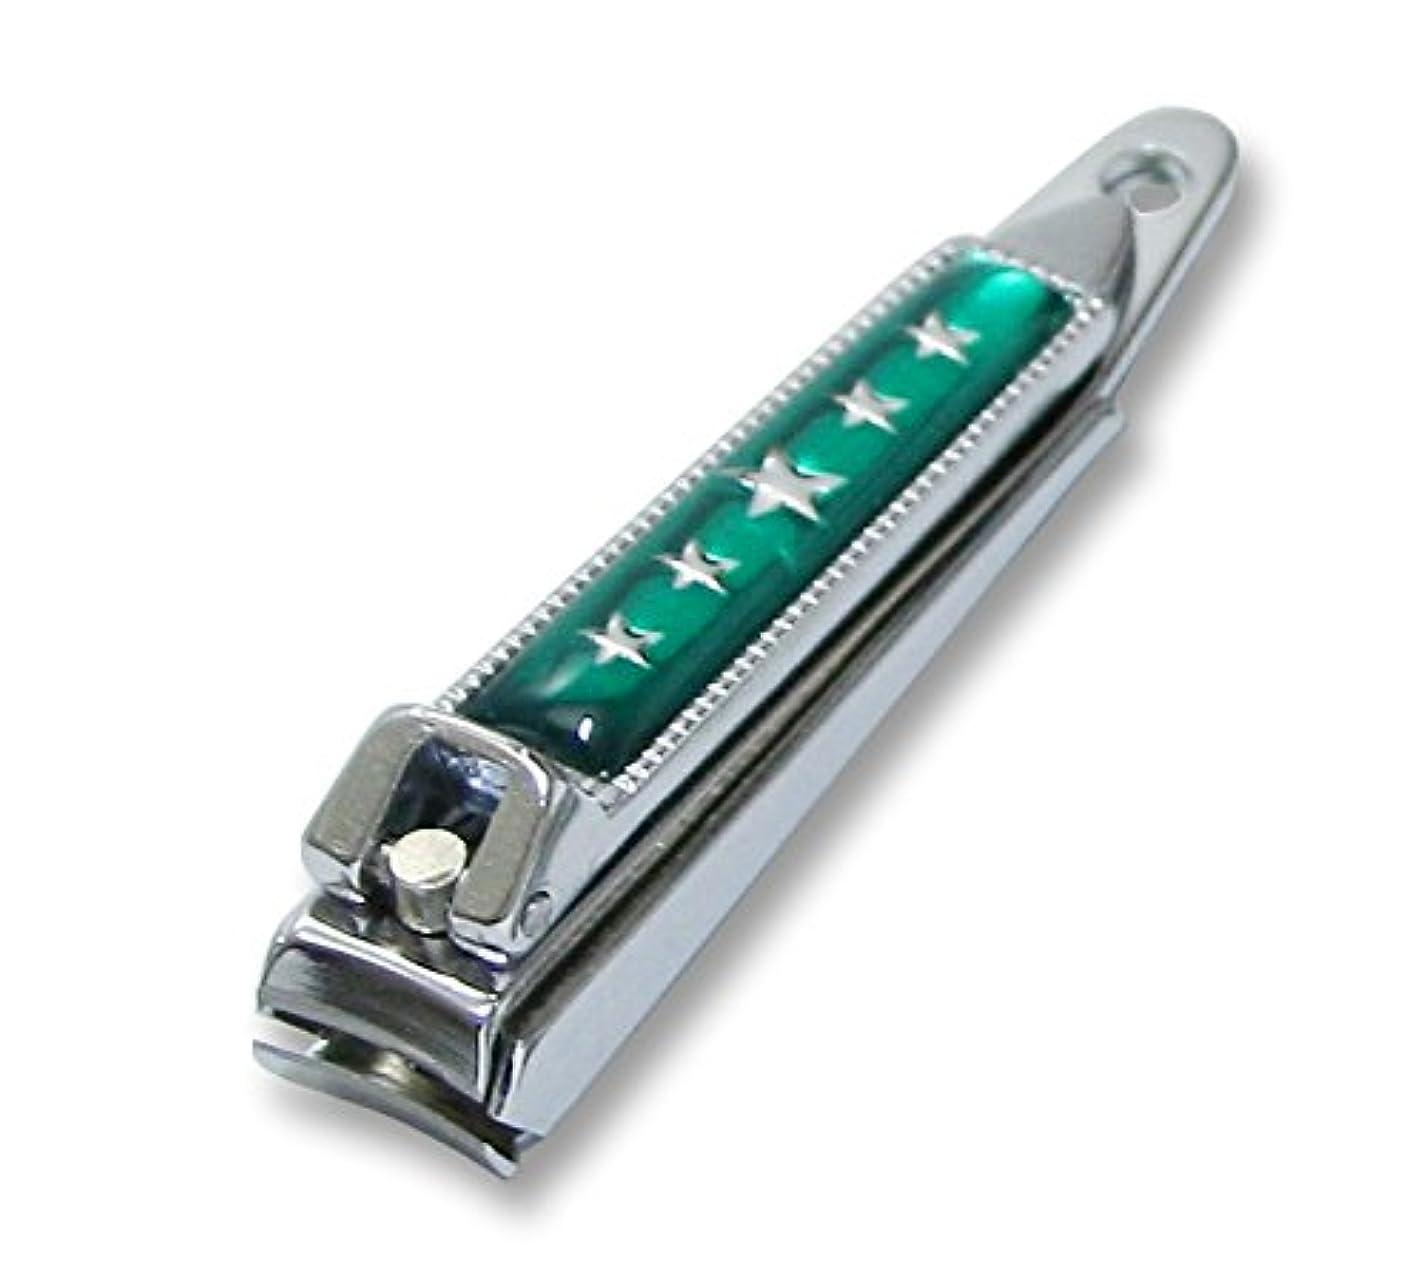 排泄するメンタルスカリーKC-052GR 関の刃物 関兼常 チラーヌ爪切 小 緑